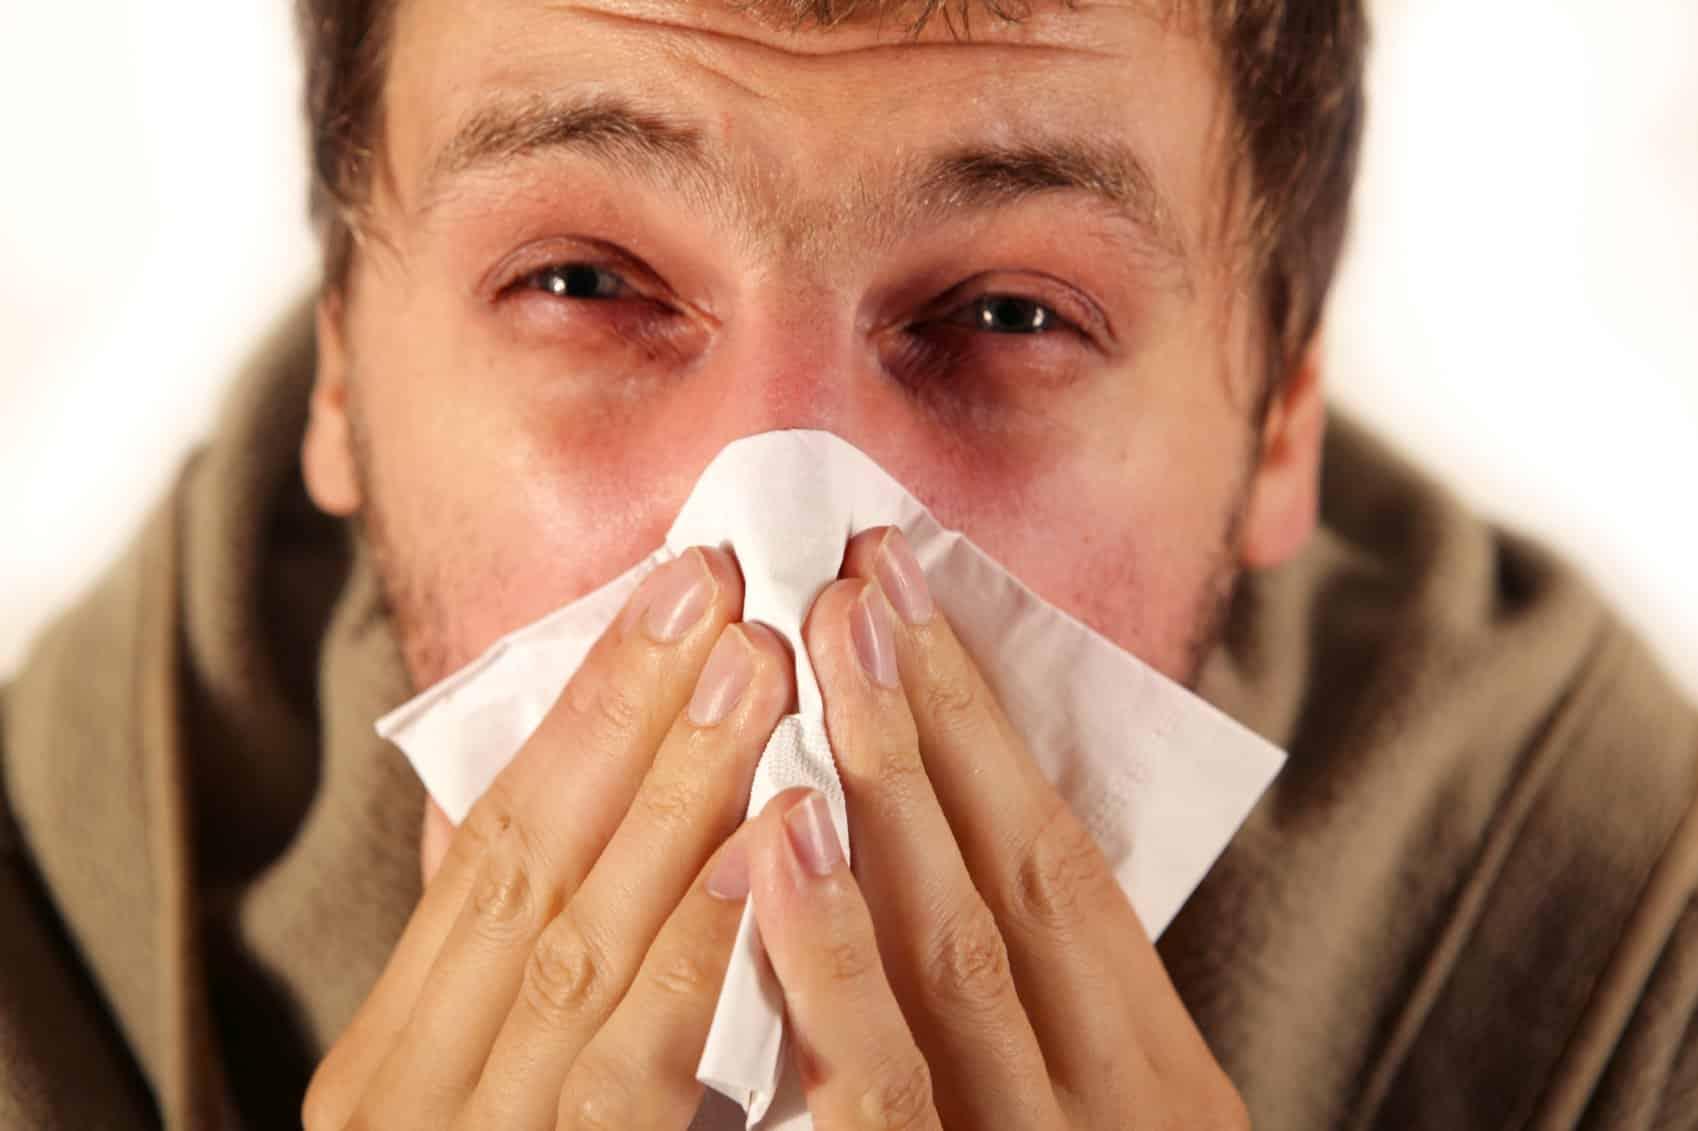 Насморк: симптомы и почему не стоит тянуть при обнаружении ринита